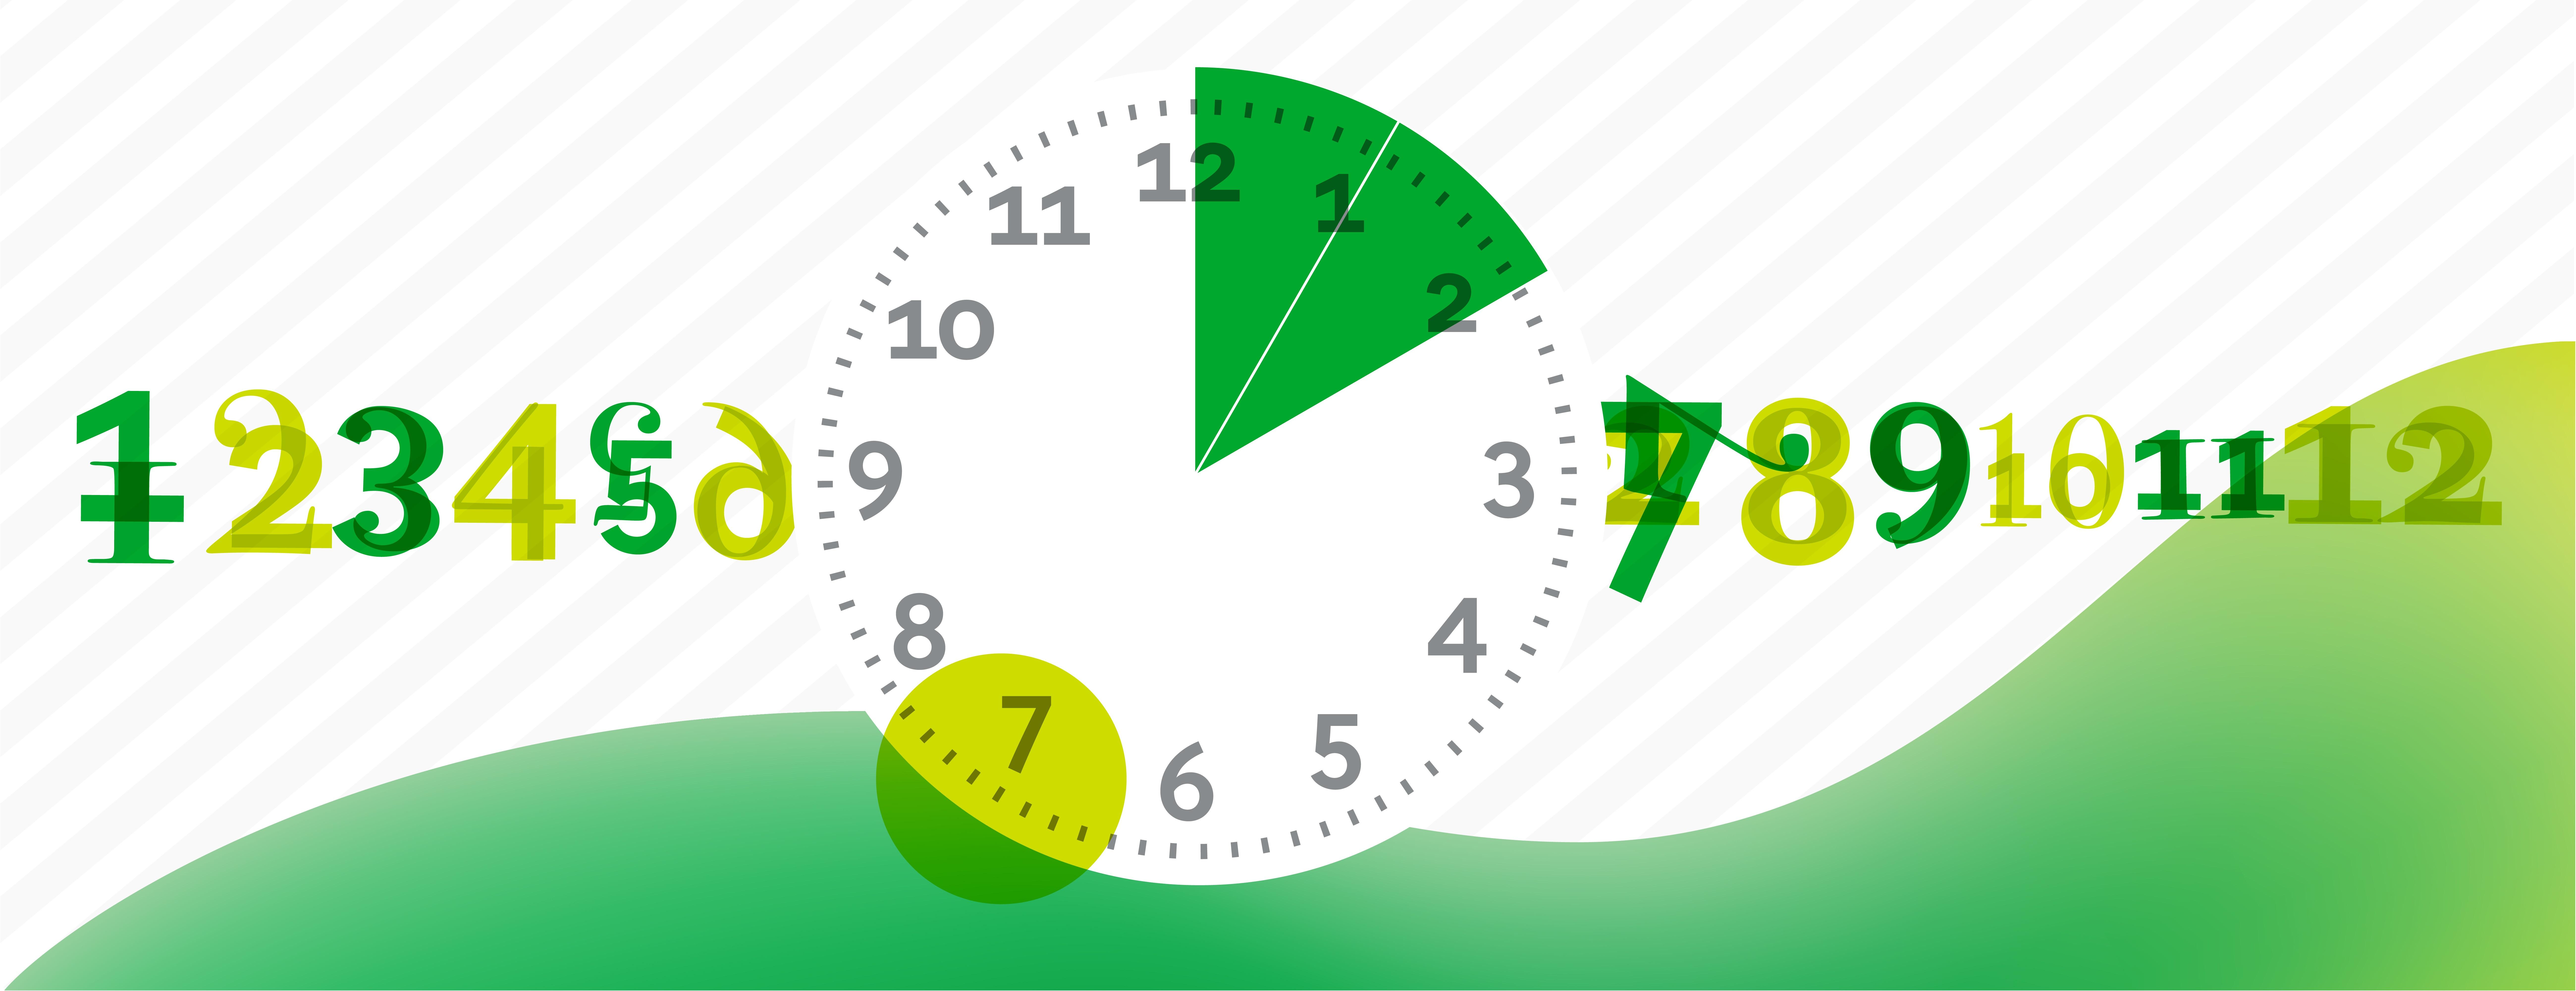 5 Remarkably Easy Time Management Tips Evernote Blog